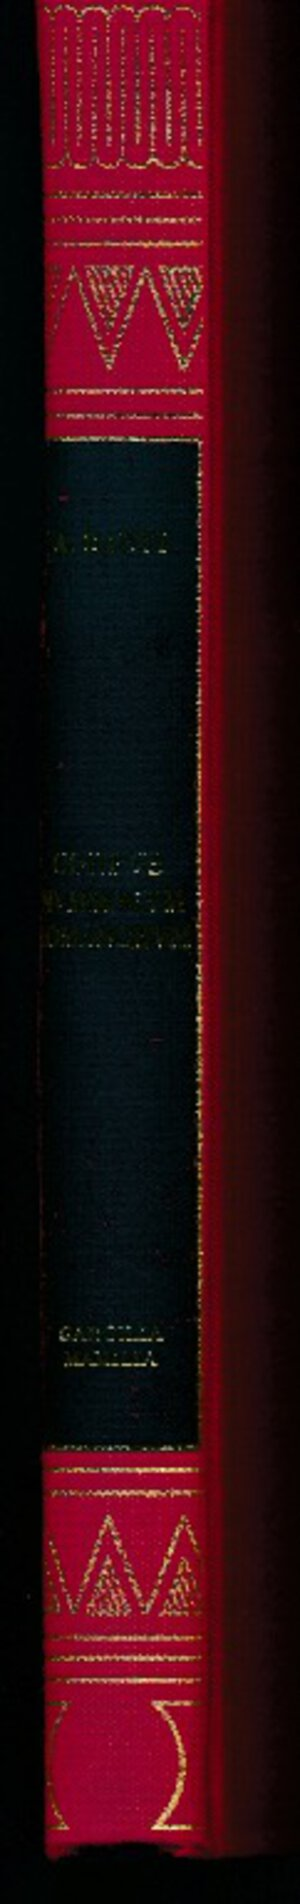 obverse: BANTI A. - Corpus nummorum romanorum. Monetazione repubblicana Gargilia - Mamilia. Banti Editore, Firenze, 1981, pp. 325, numerose foto in b/n. Rilegatura rigida in tela rossa, scritte e fregi dorati. Ottimo stato.